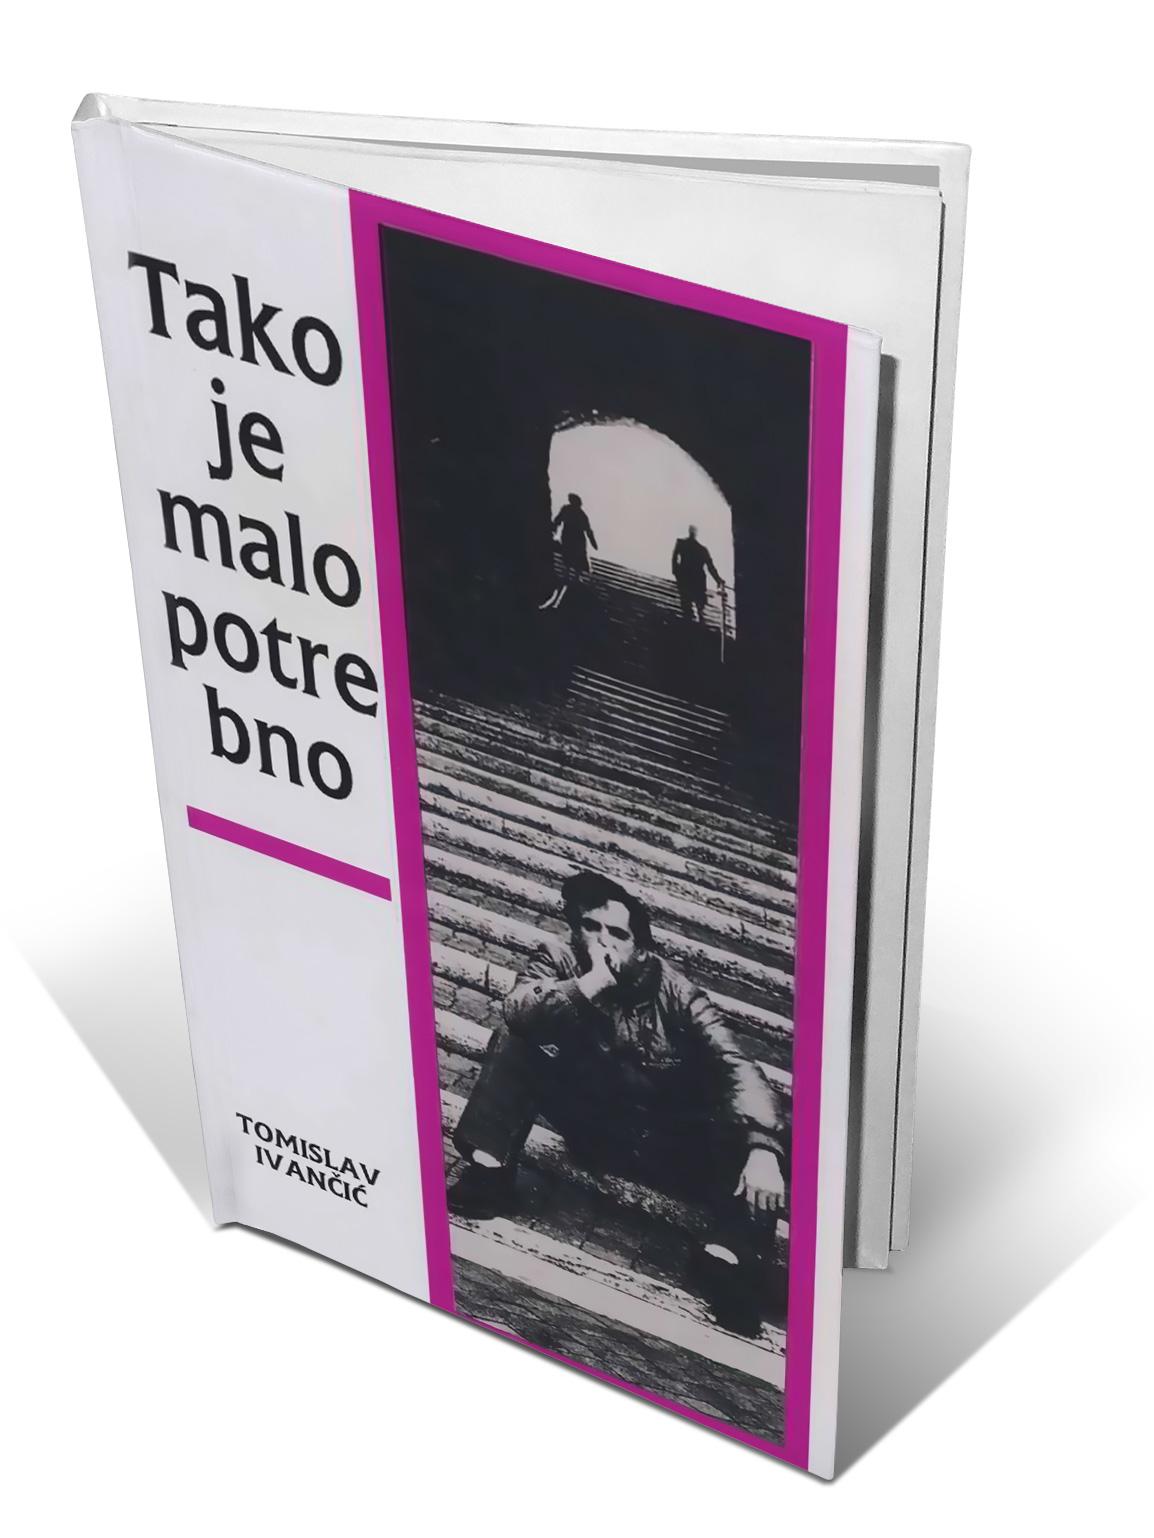 TAKO JE MALO POTREBNO - Tomislav Ivančić